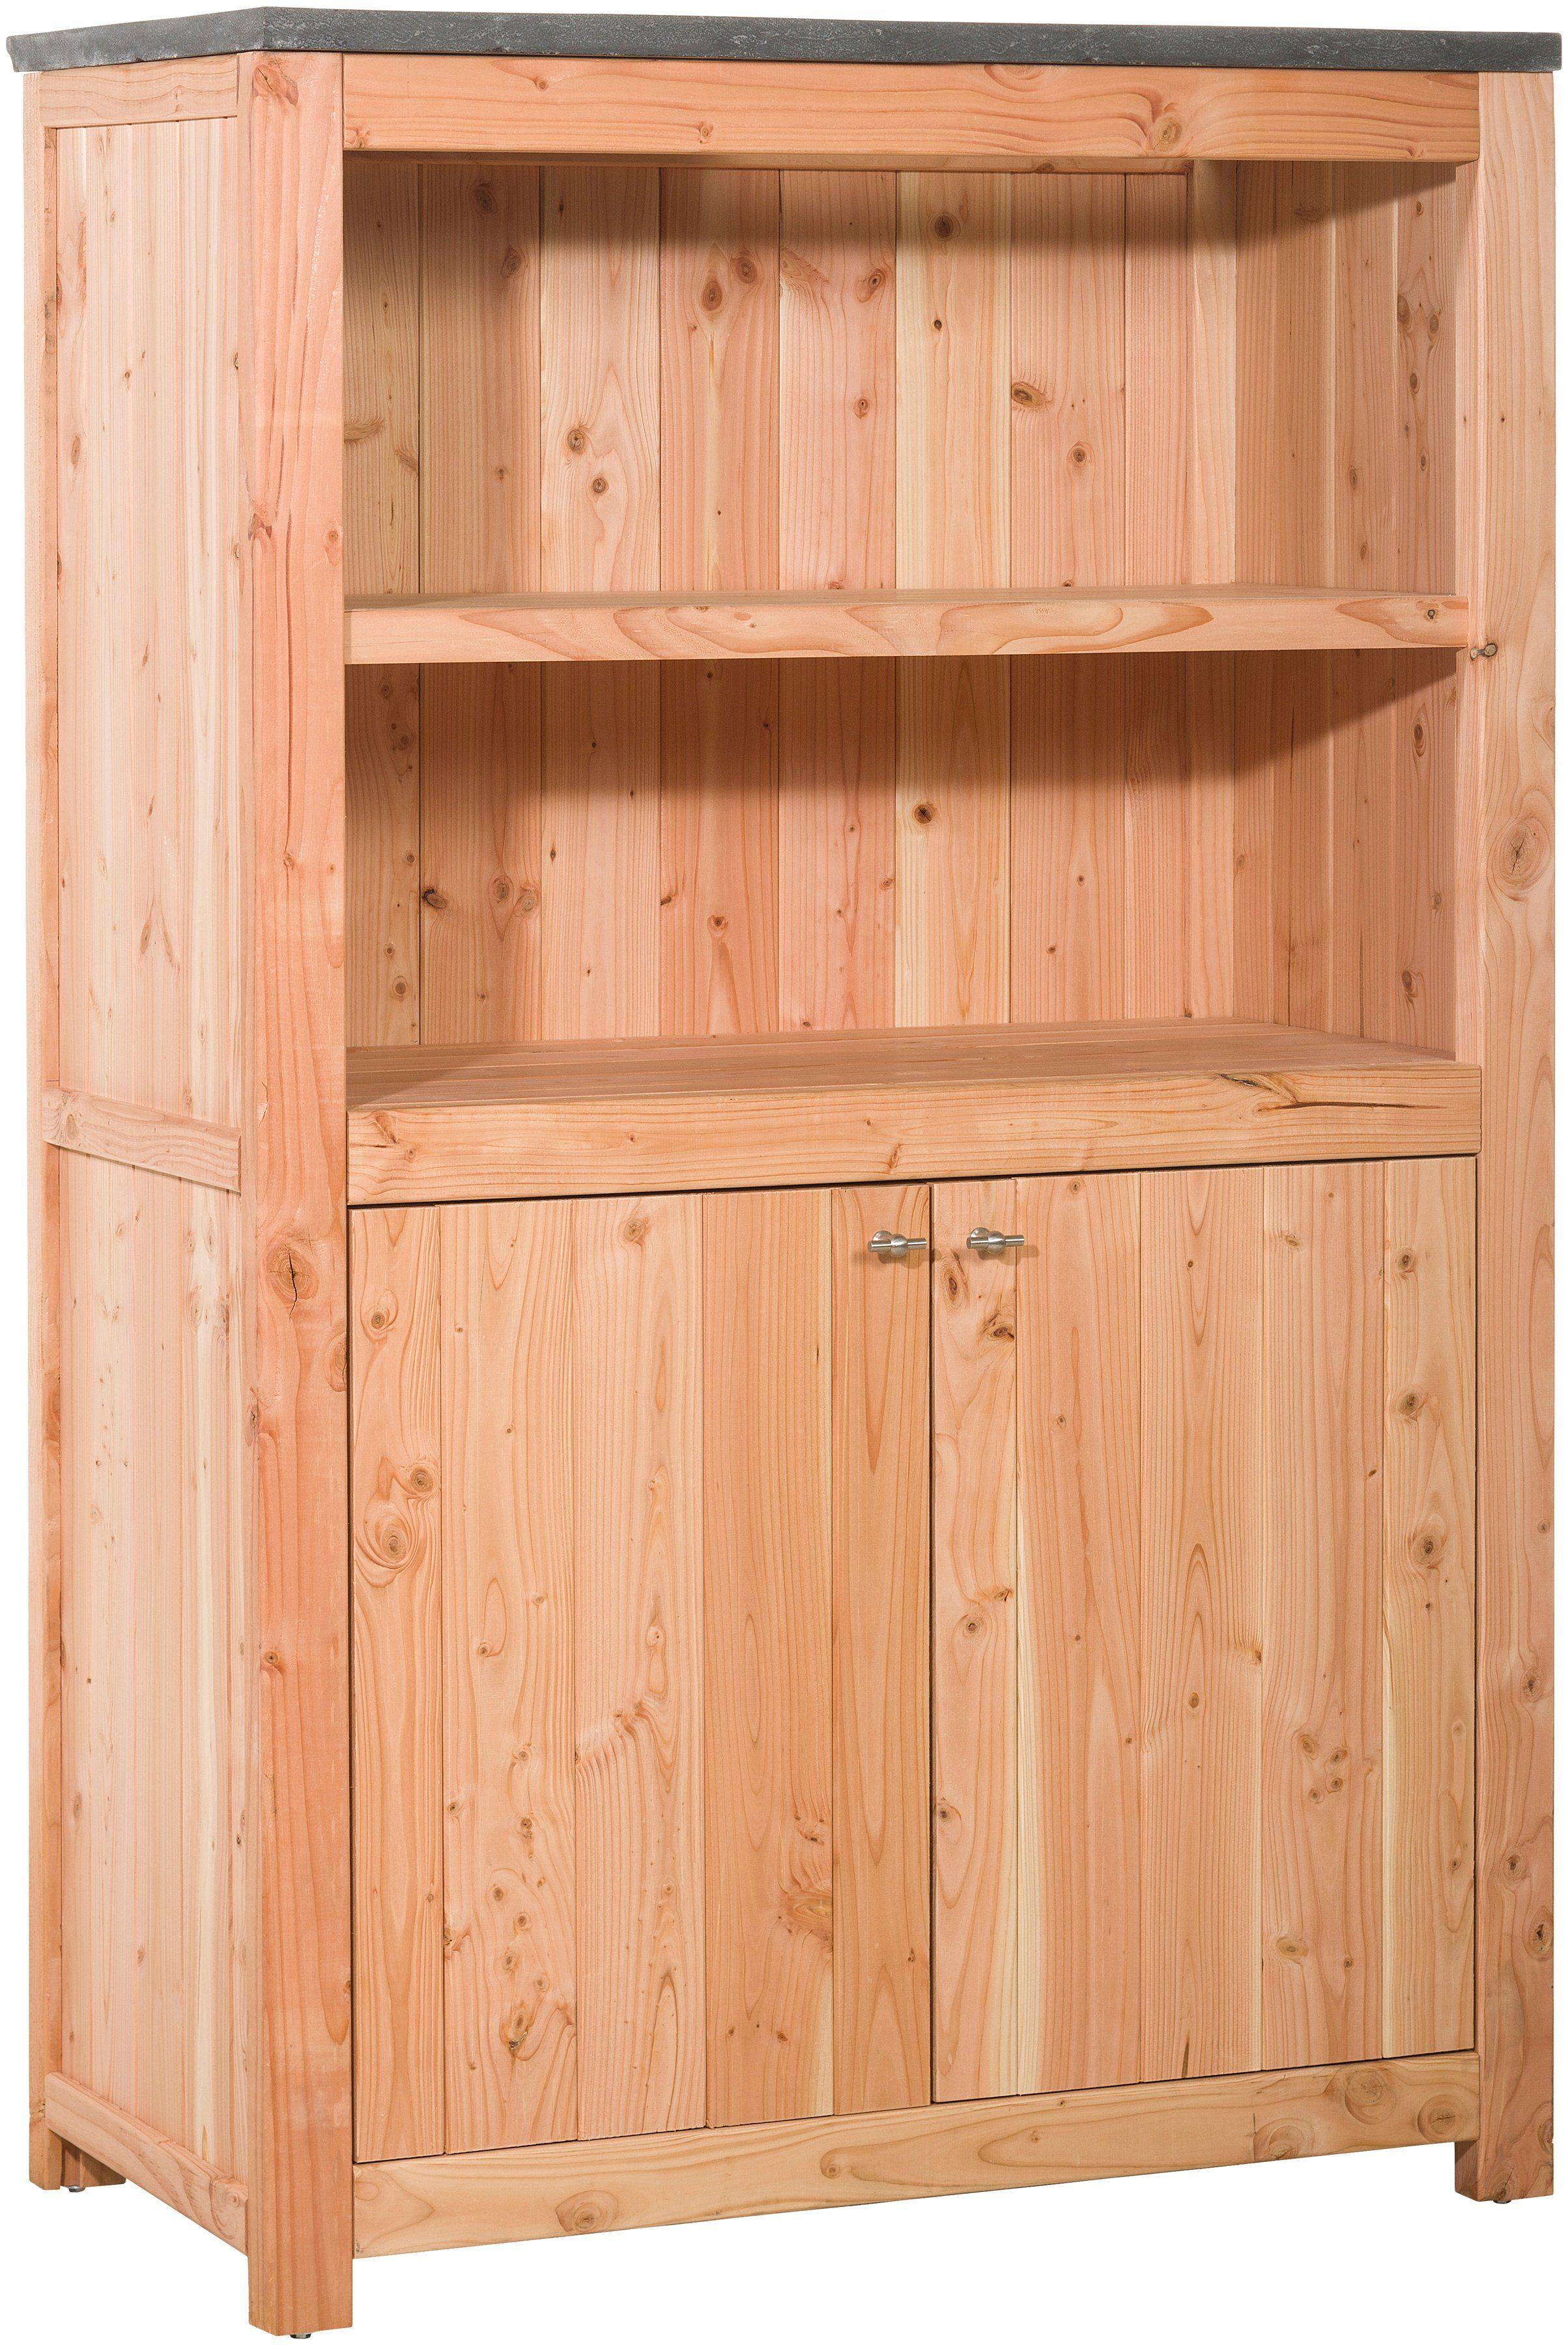 Outdoor-Küche mit Türen (B/T/H: 109/56/168 cm)